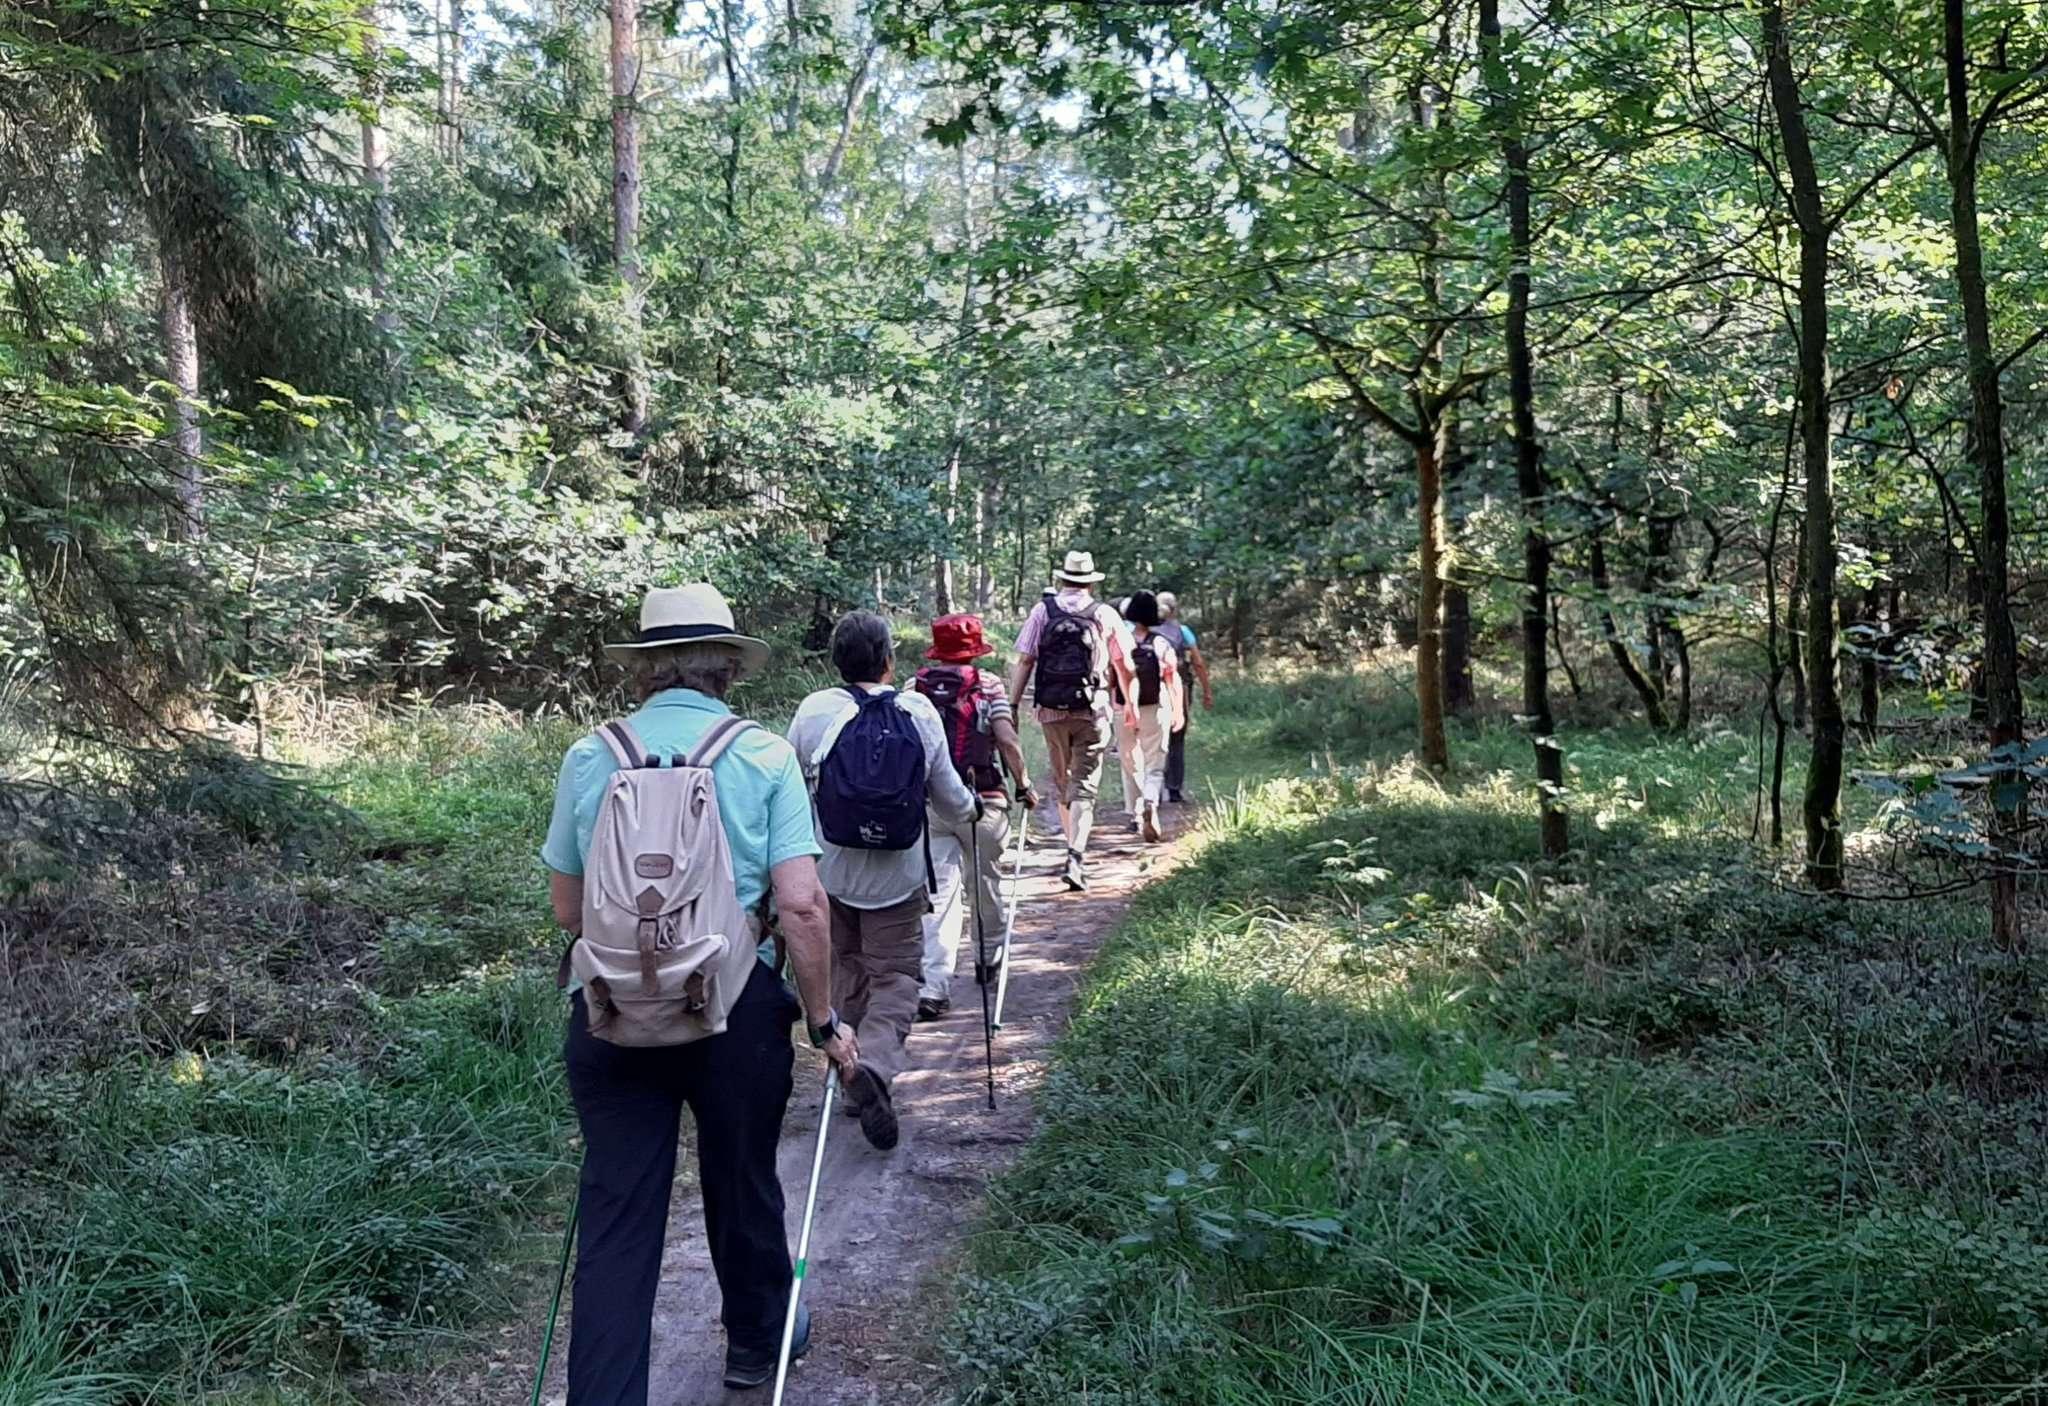 Wandern in der Natur stärkt die Muskeln und sorgt für Entspannung.